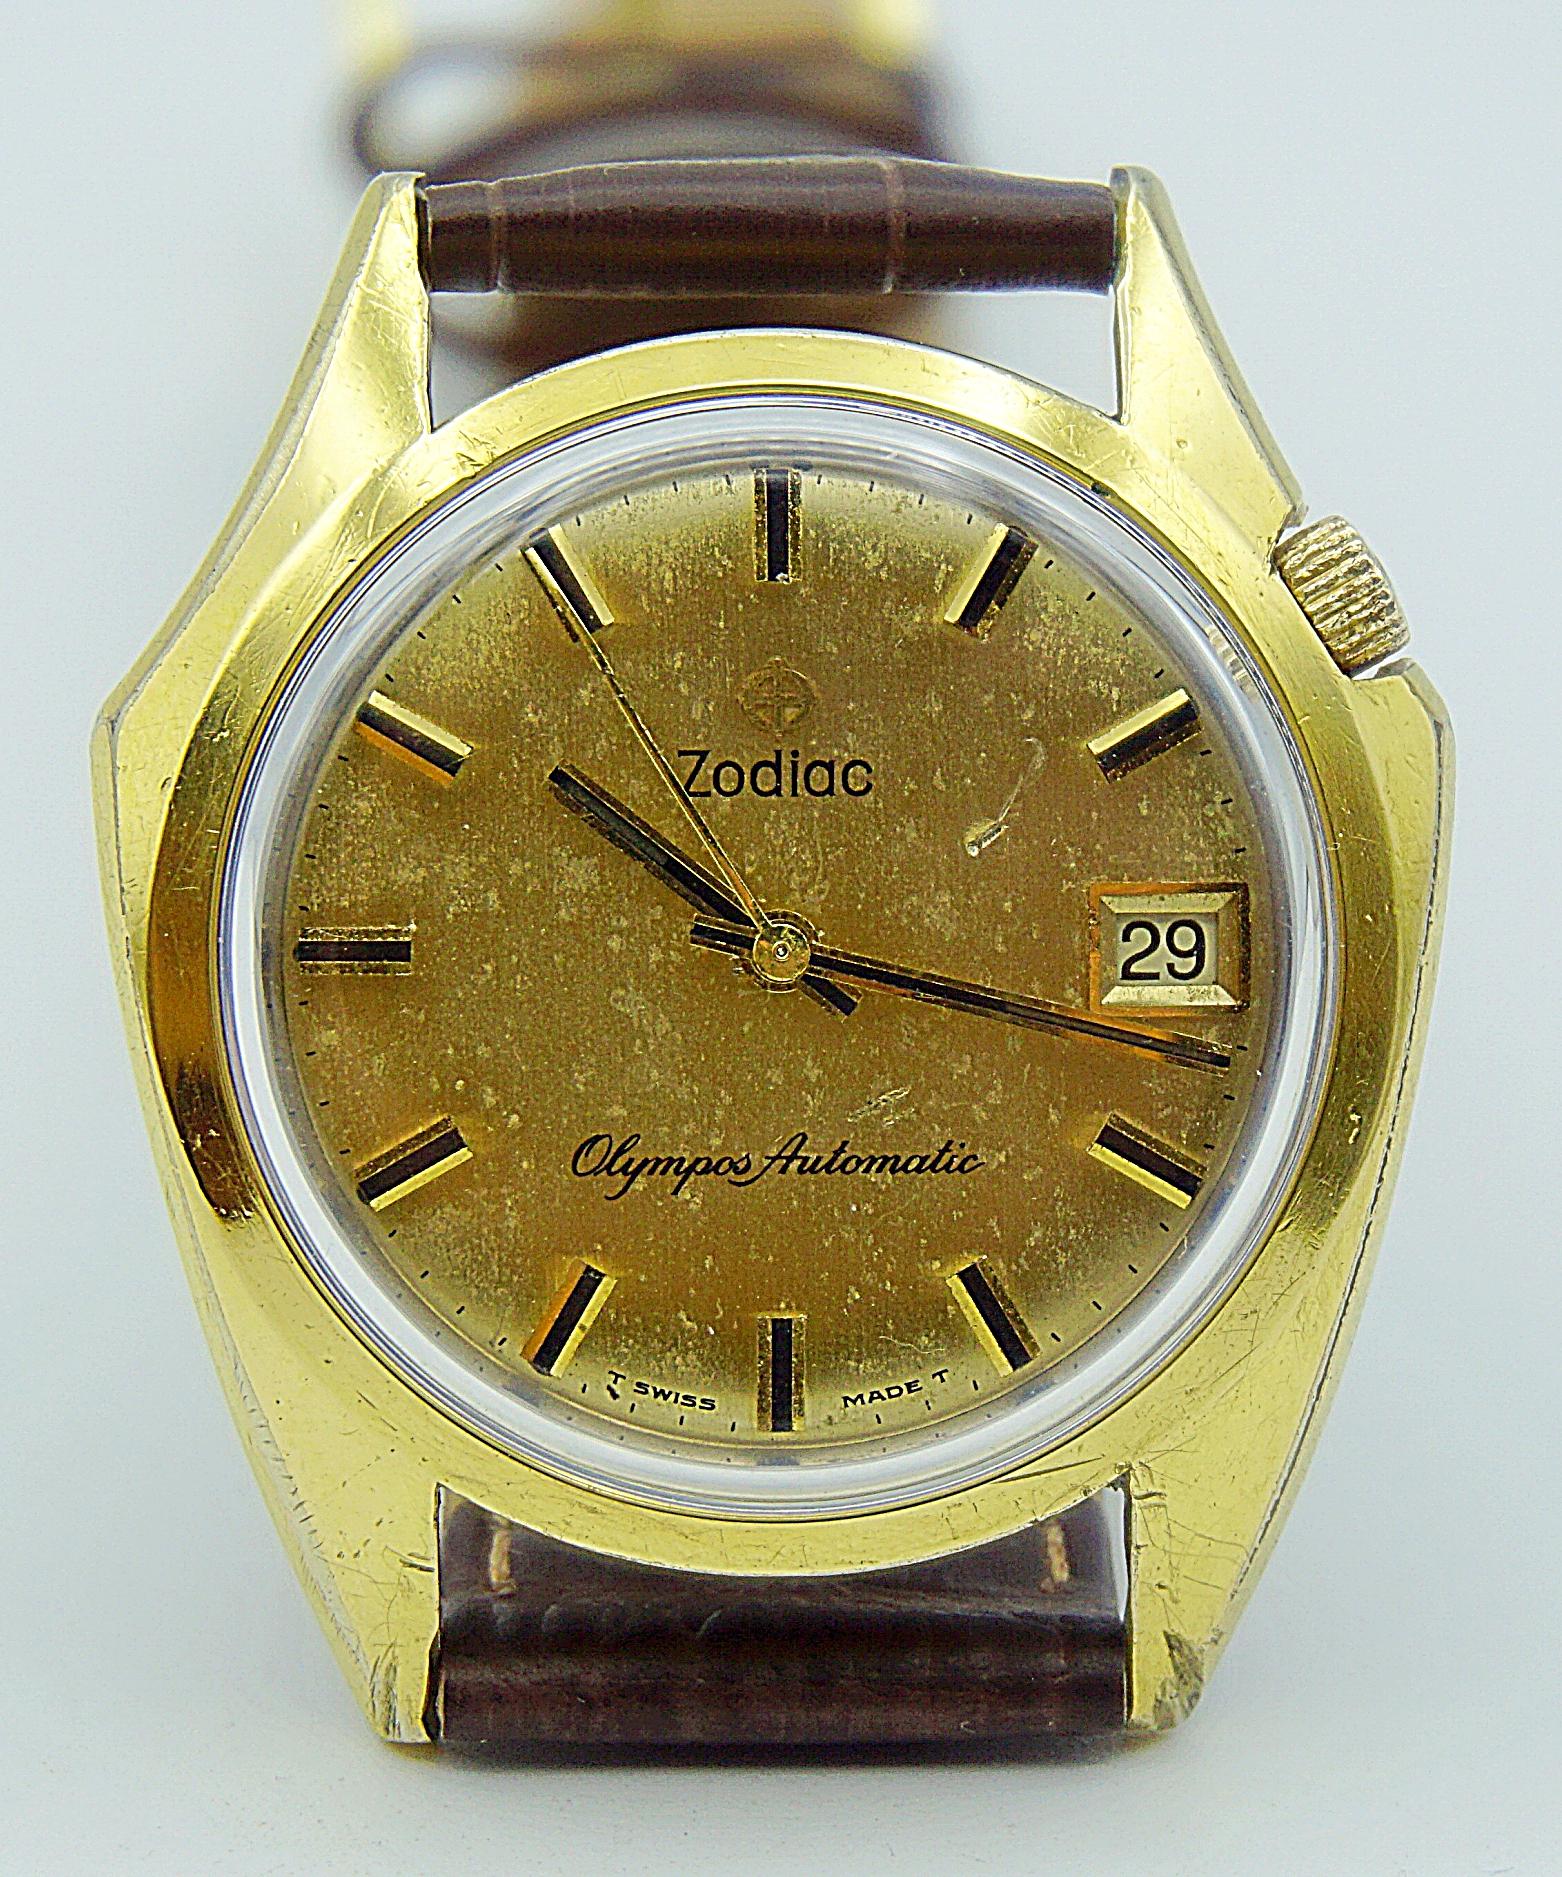 นาฬิกาเก่า ZODIAC ออโตเมติก